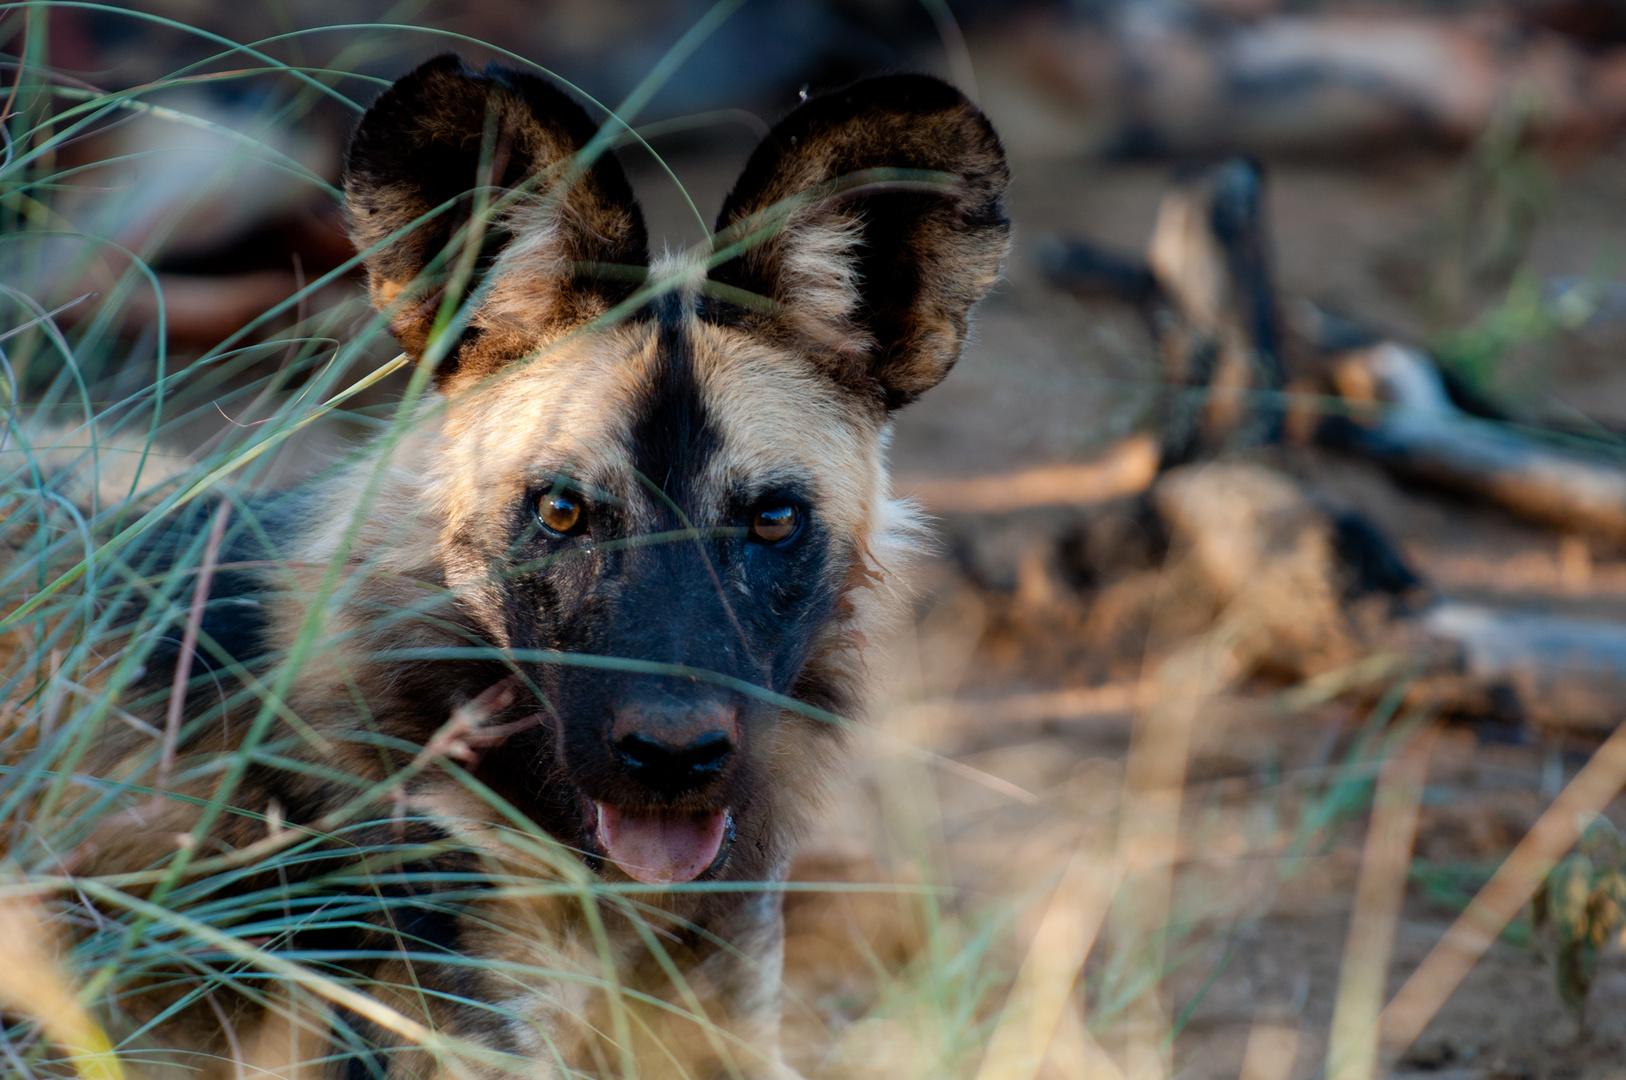 Wildhunde - wilddogs